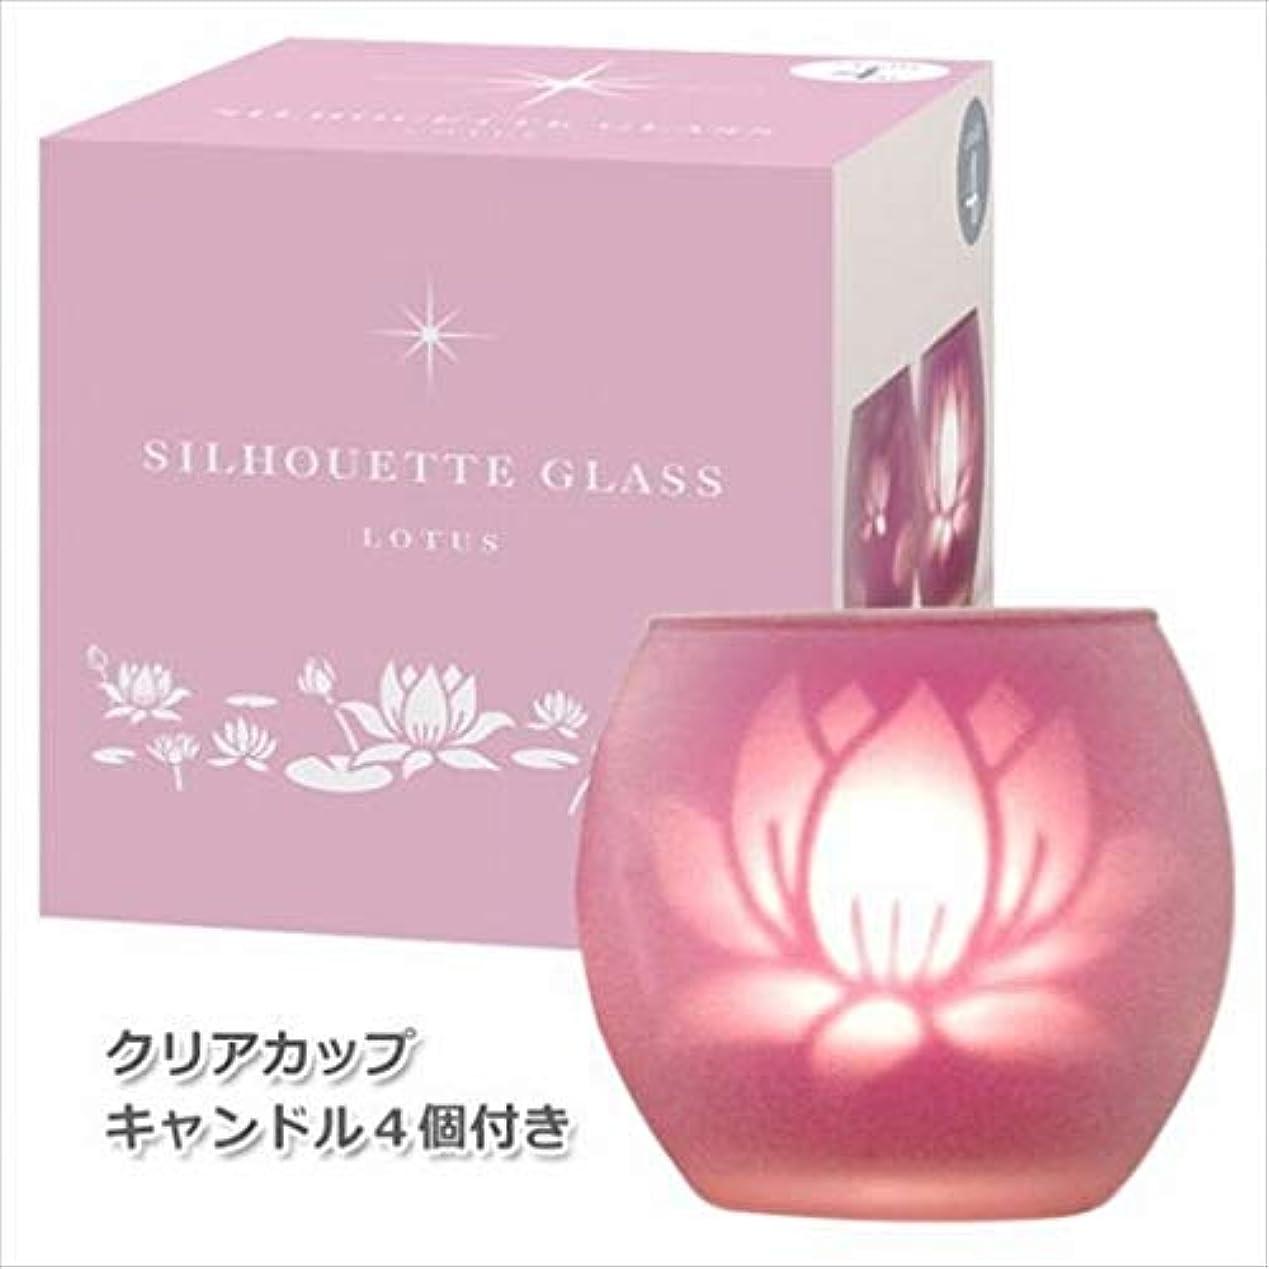 プール隠すメンバーカメヤマキャンドル(kameyama candle) ロータスシルエットグラス【キャンドル4個付き】